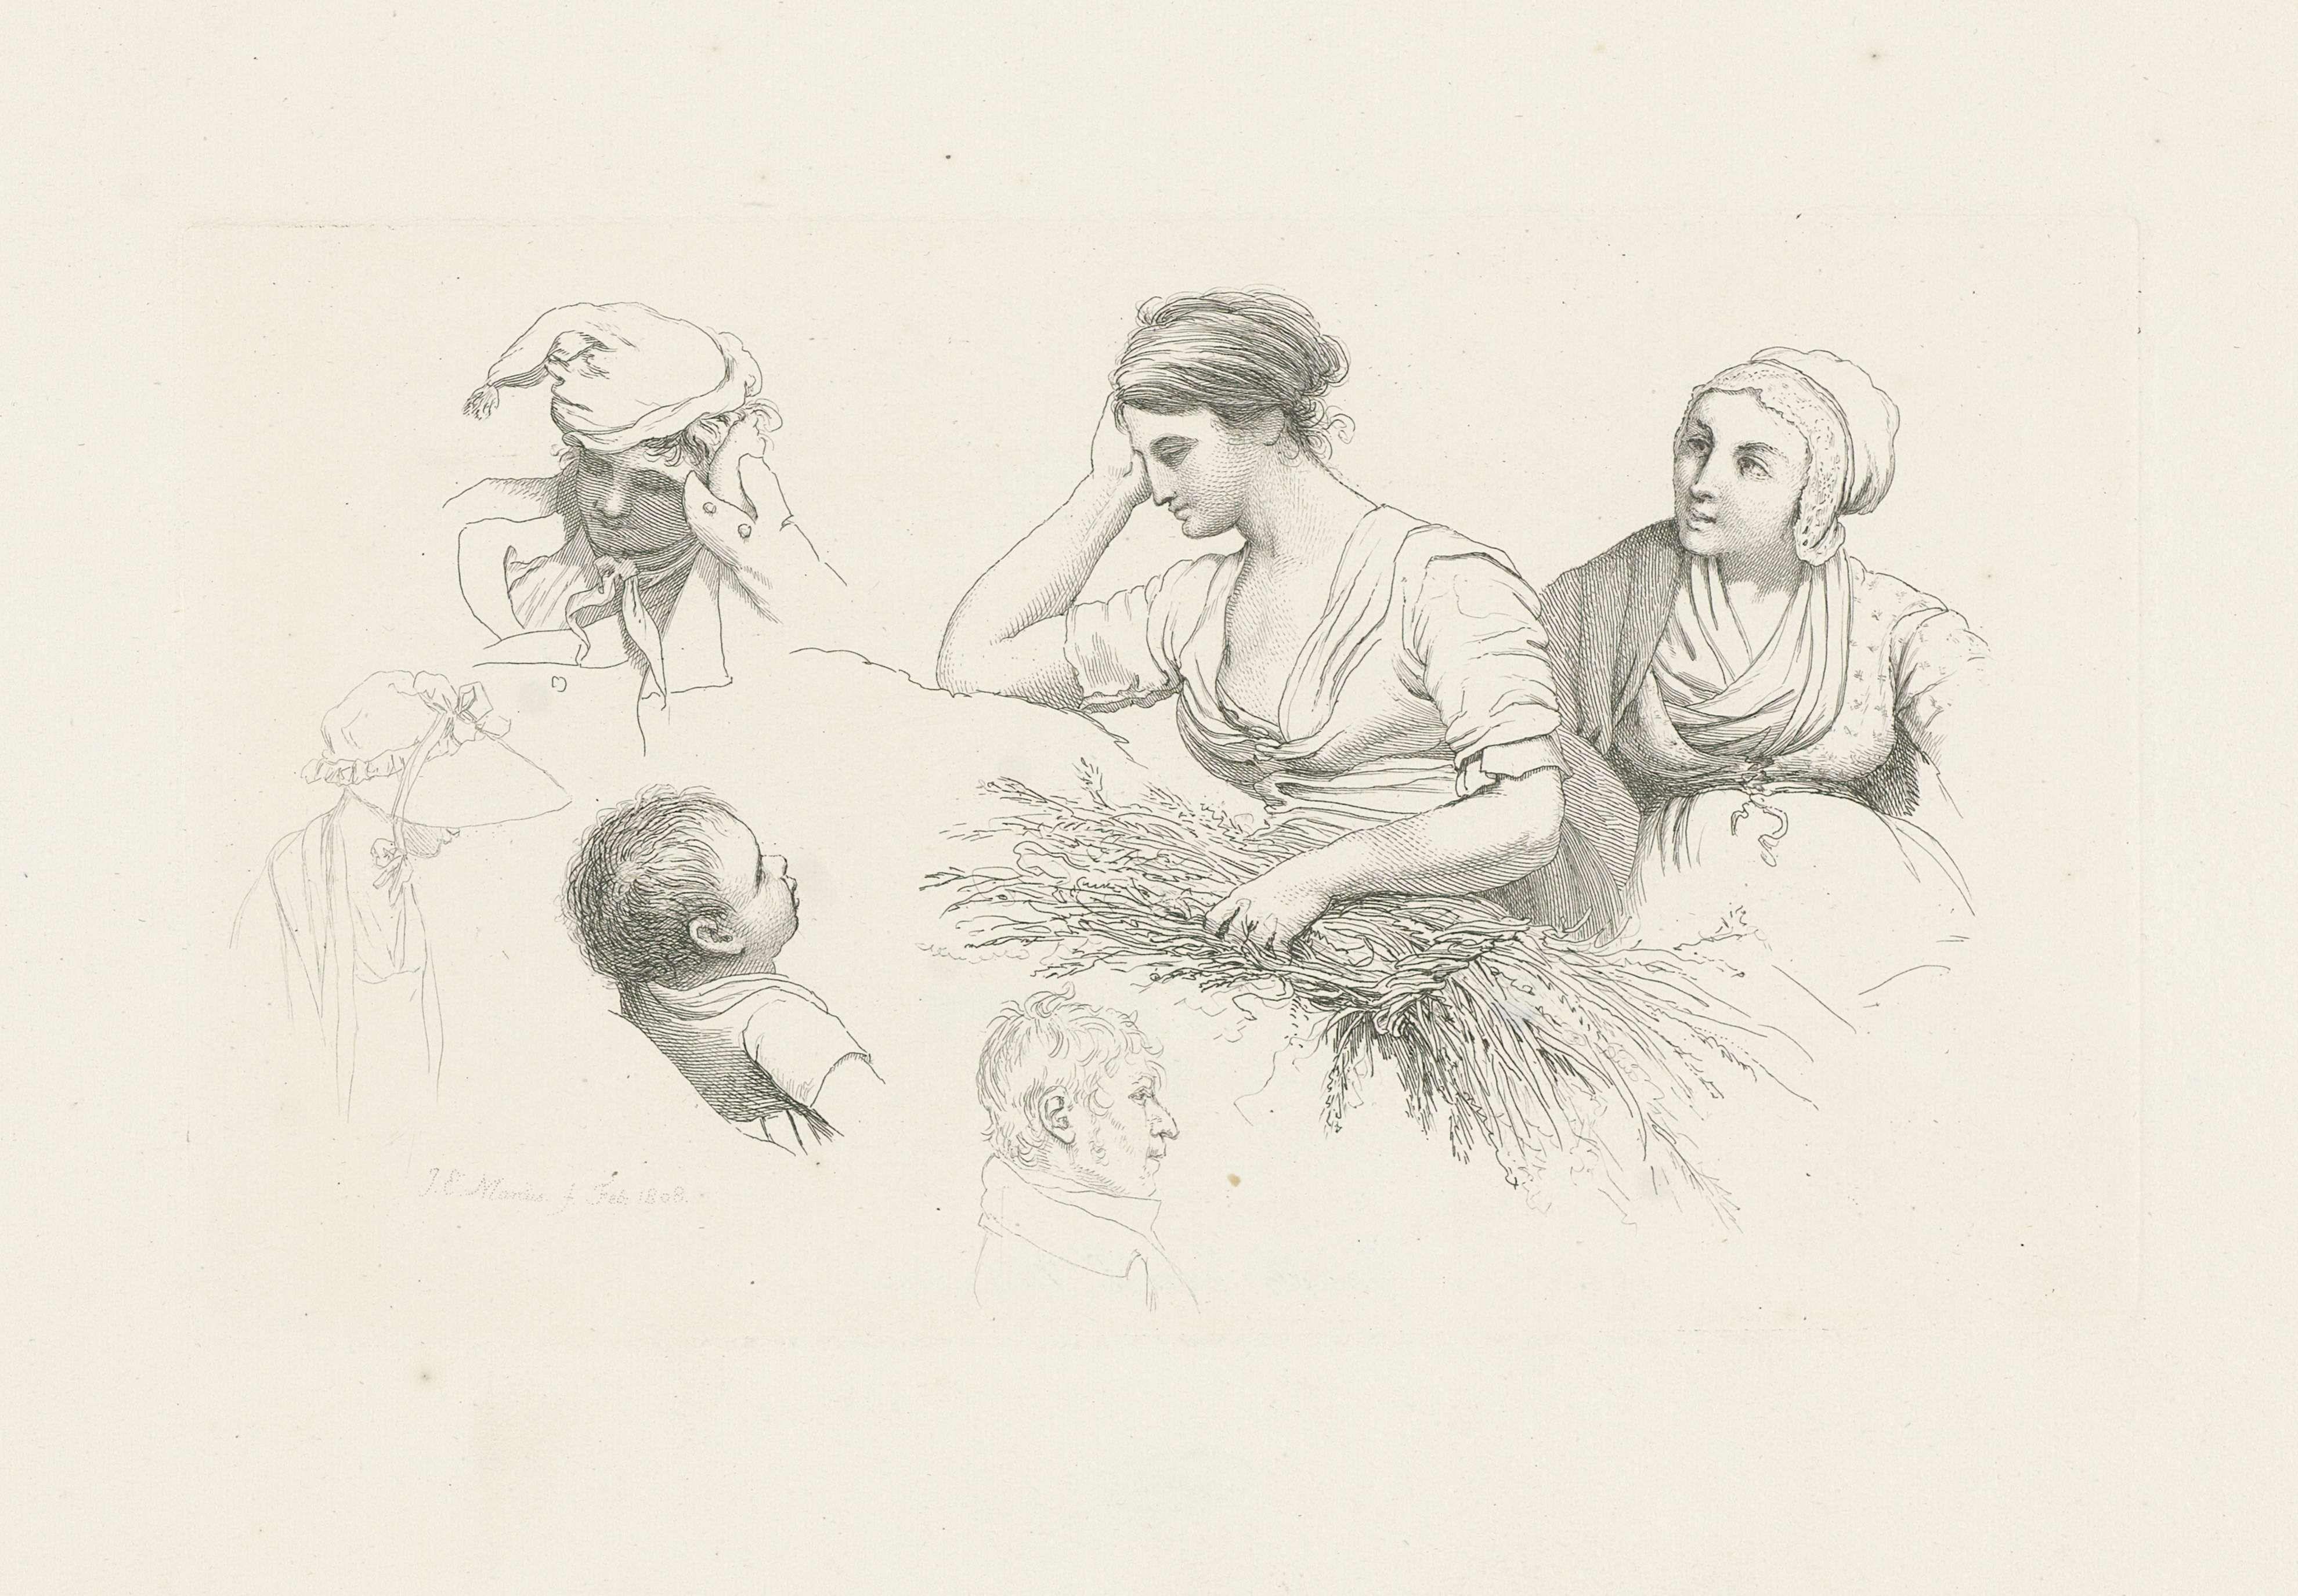 Jacob Ernst Marcus | Studieblad met een vrouw met een takkenbos en figuren, Jacob Ernst Marcus, 1808 |